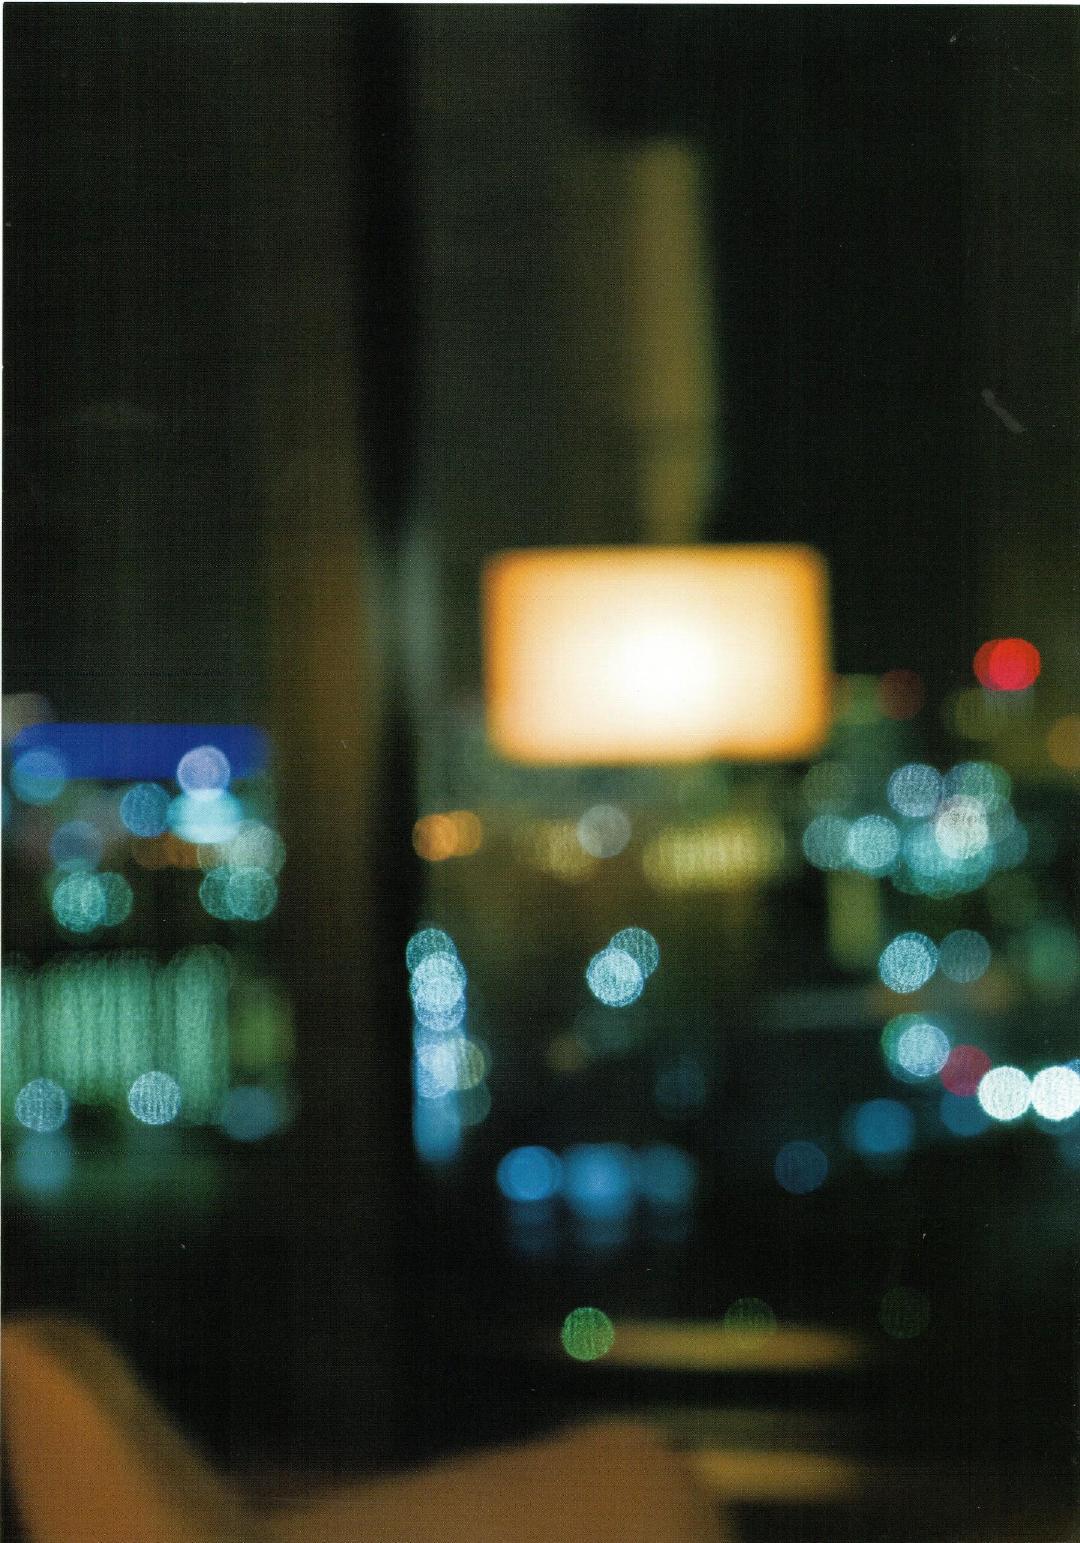 柏木由紀30岁记念写真集简单预览欣赏 7N5.NET